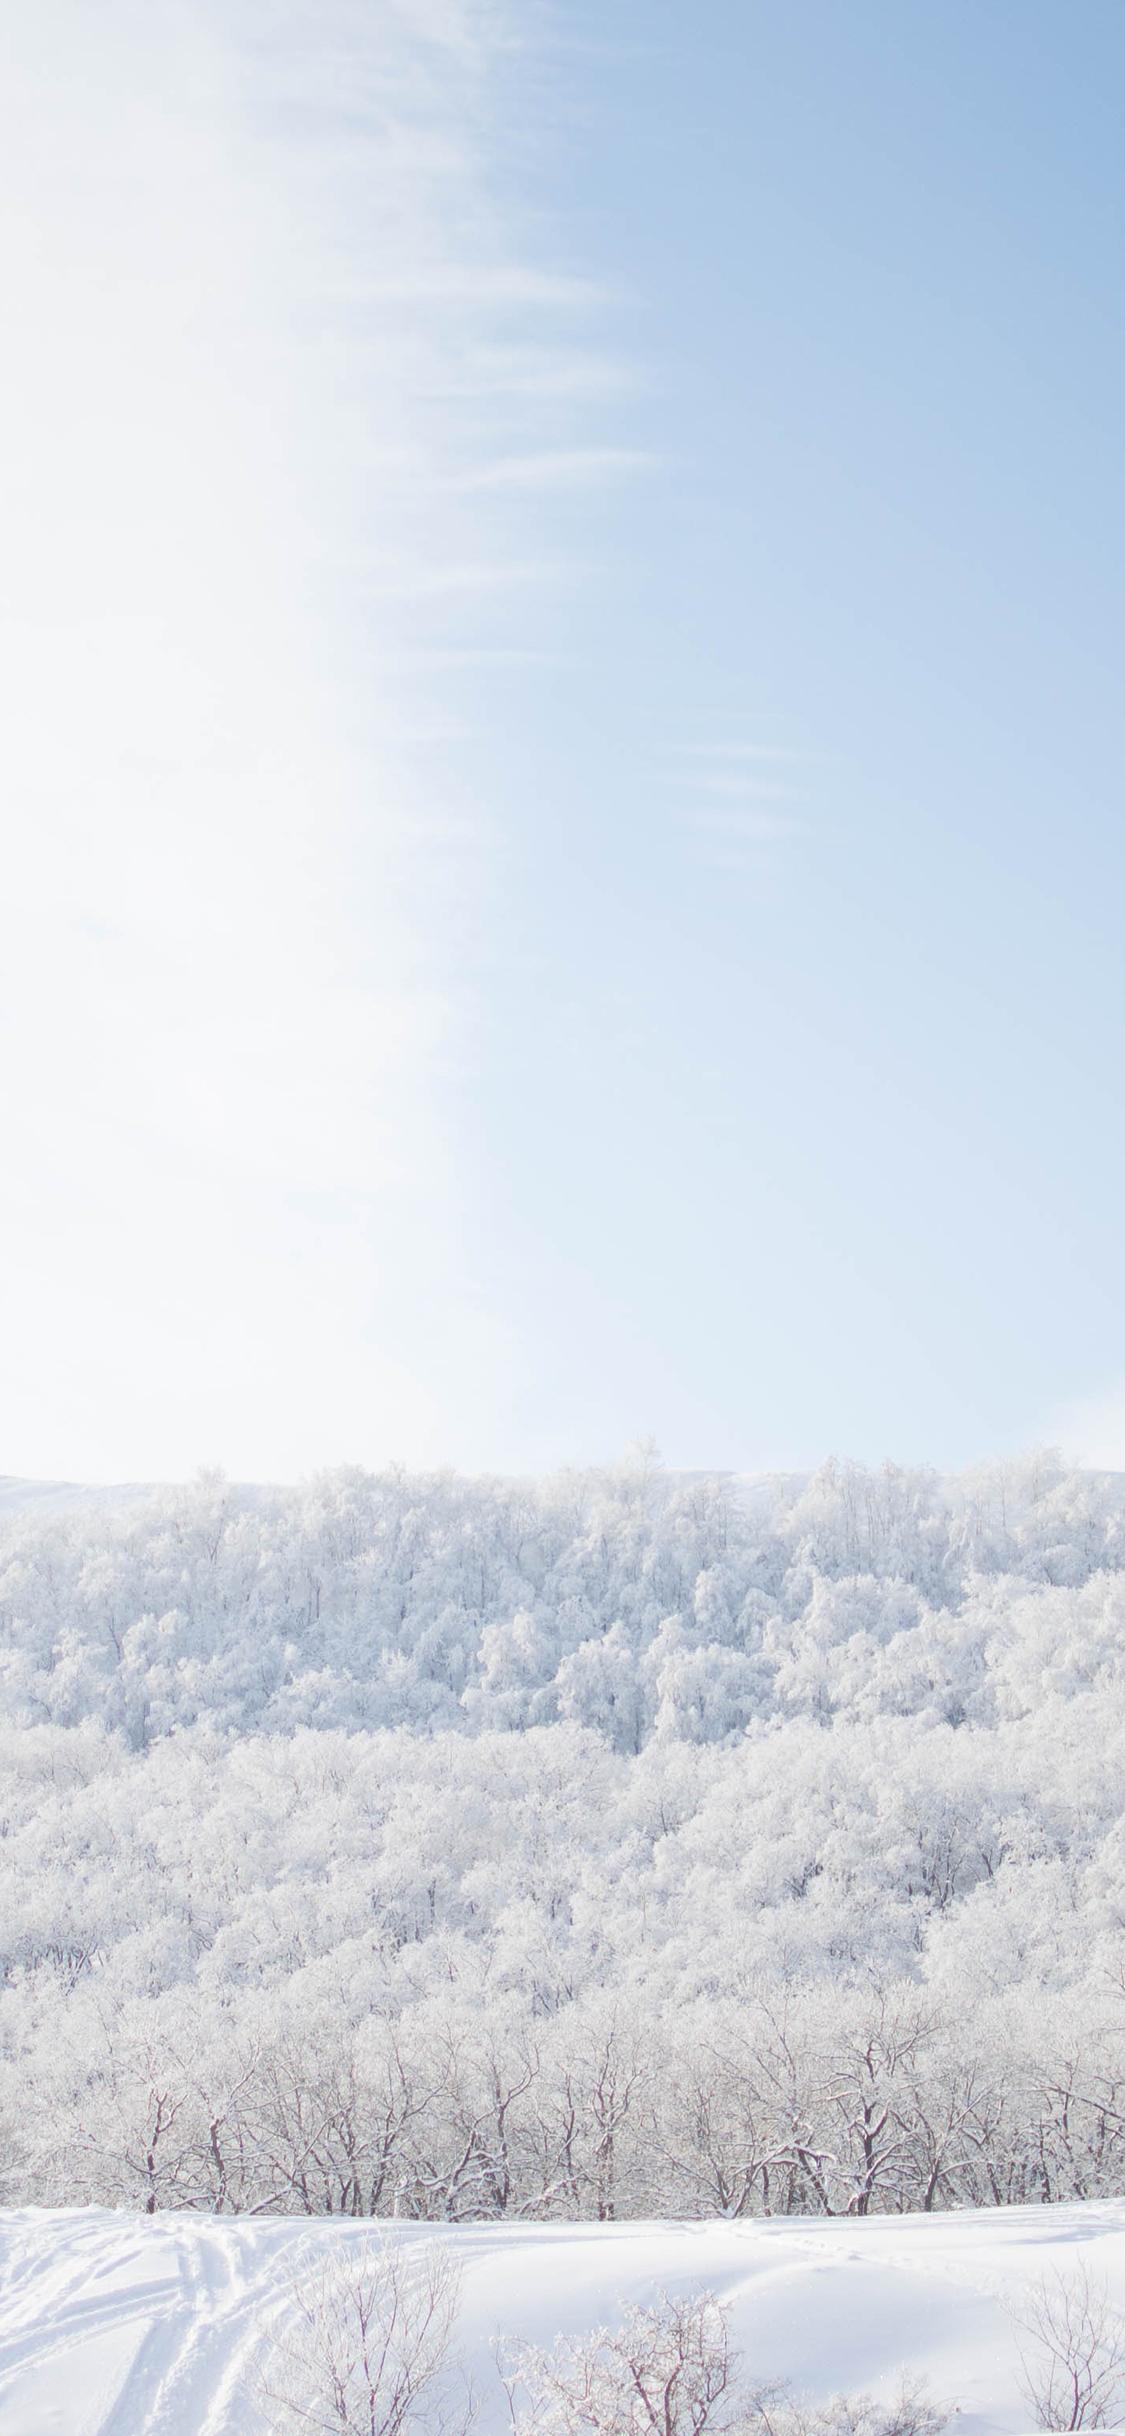 雪景 白色 唯美 冬季 动态 雪地 苹果手机高清壁纸 11